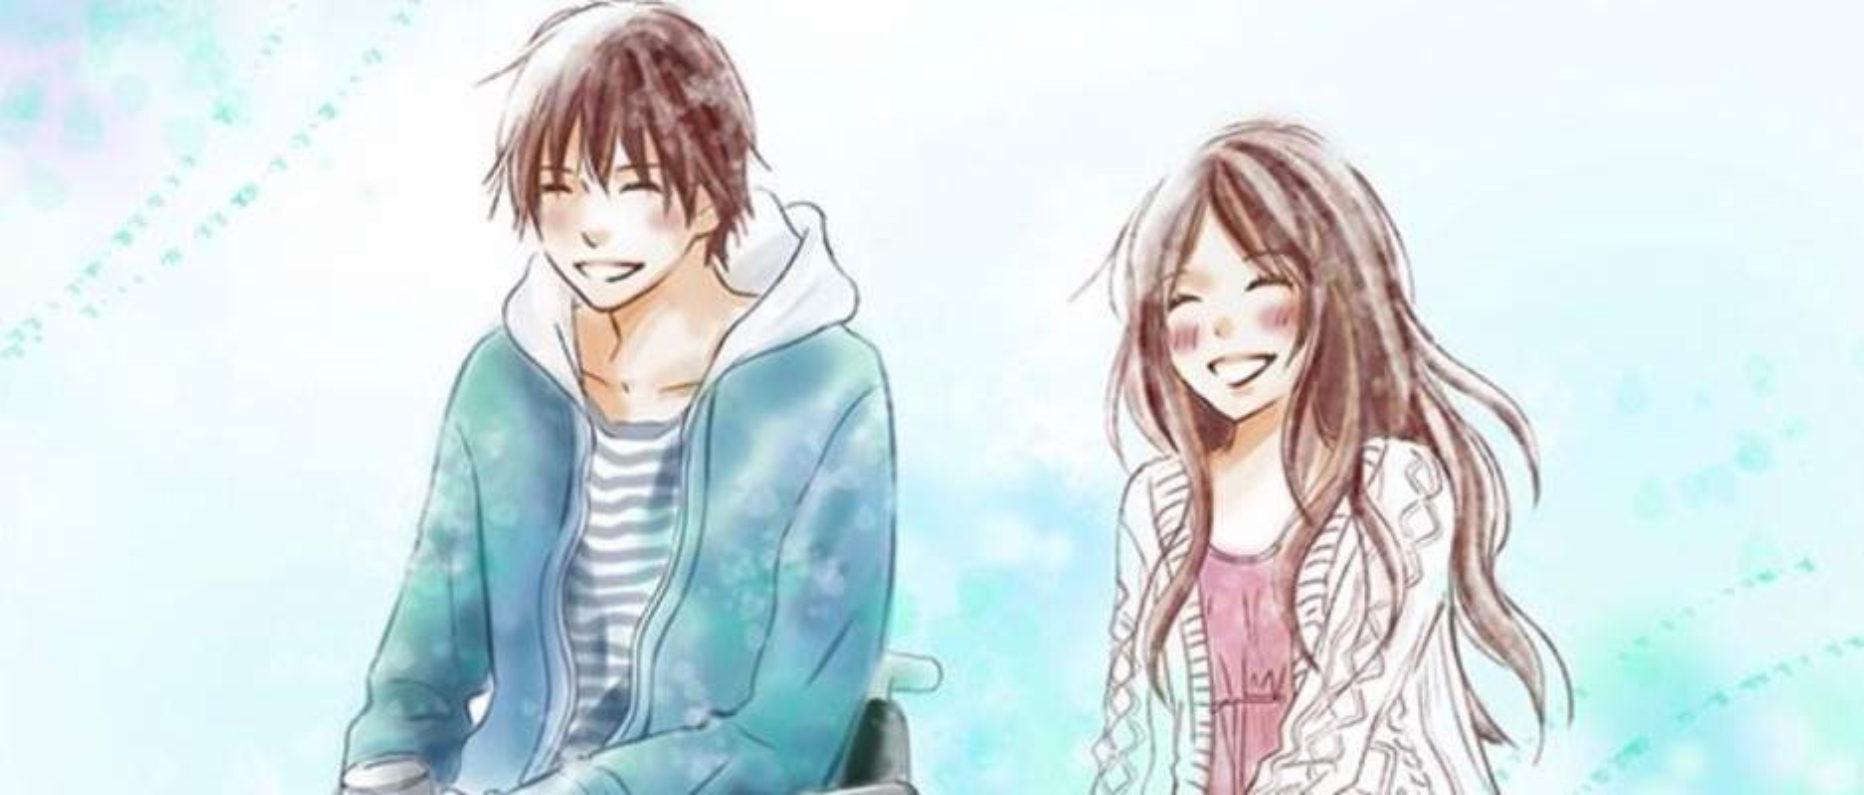 Il manga Perfect world si avvicina alla fine